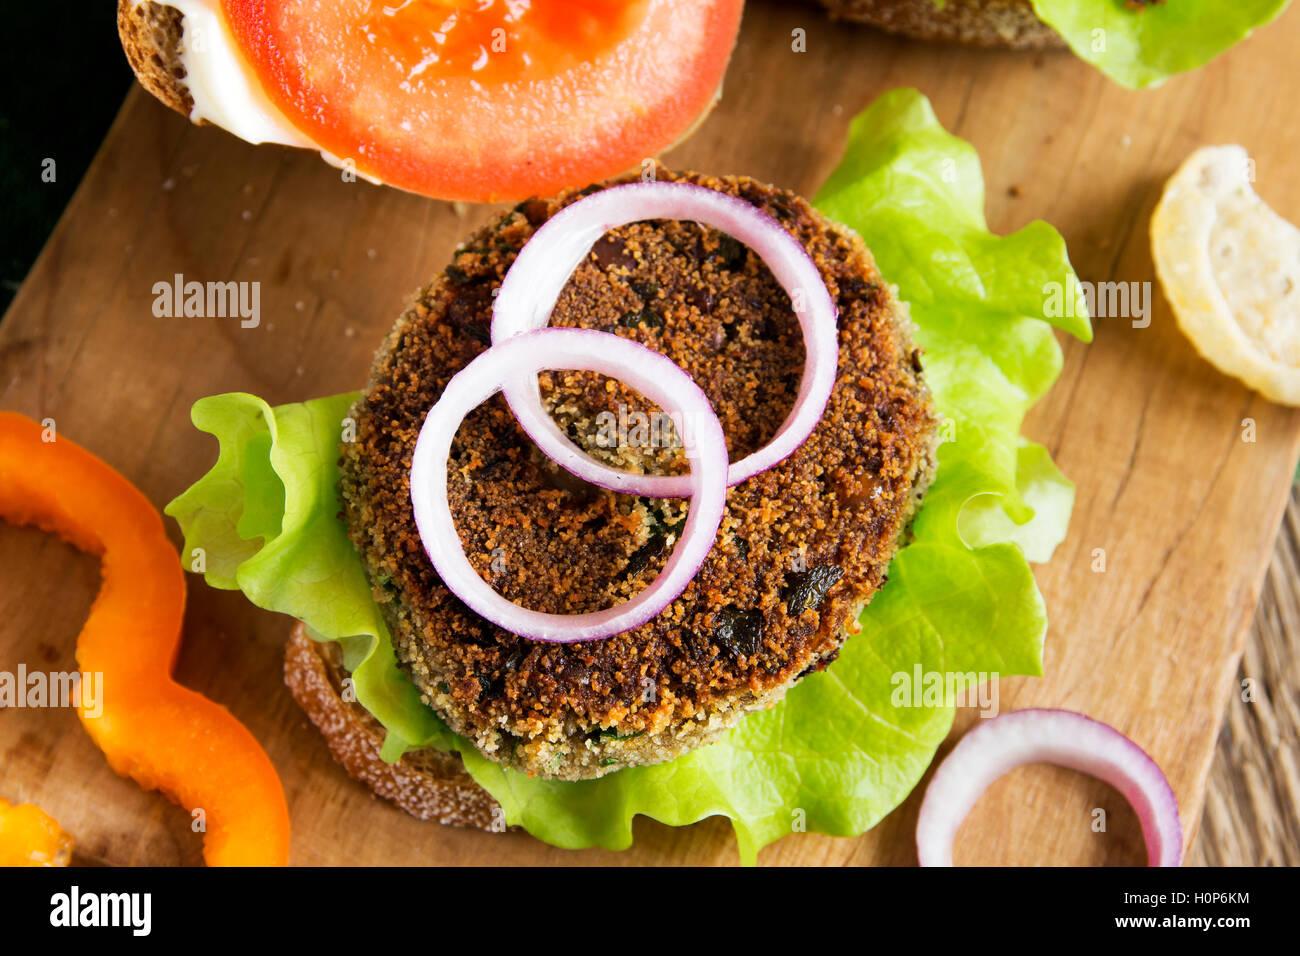 Hamburguesa de lentejas vegetariano con verduras sobre la tabla de cortar de madera - sabrosos y saludables bocadillos (comida vegetariana, almuerzo). Foto de stock